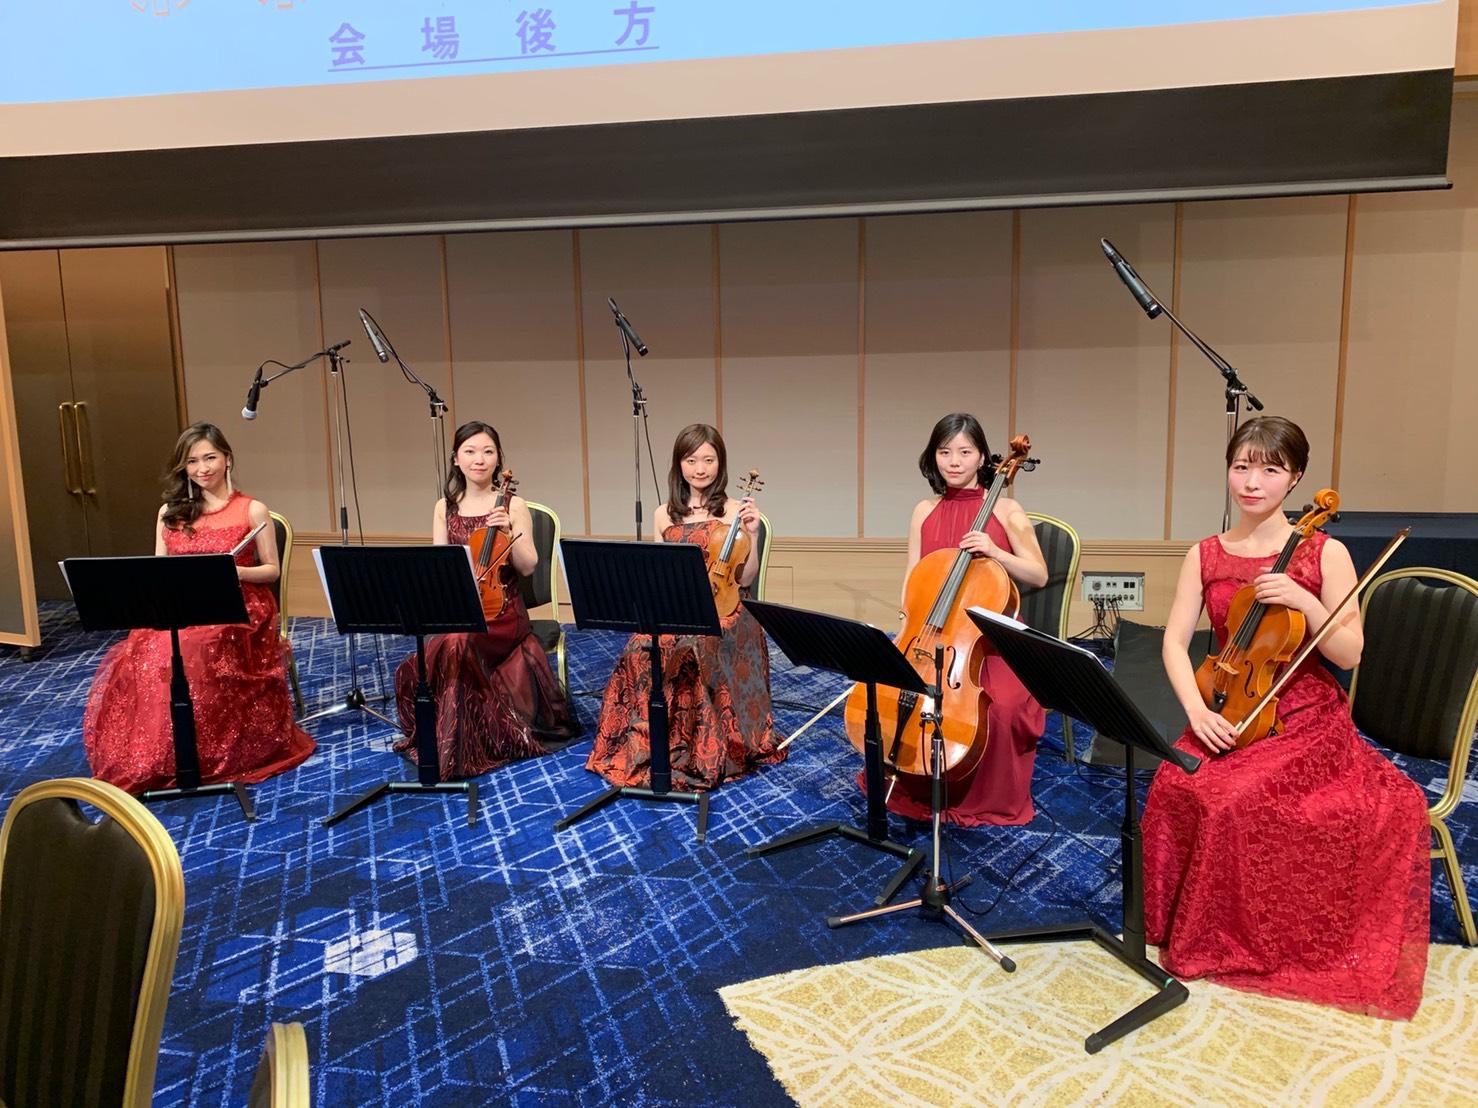 クラシック演奏家の派遣で人気があります